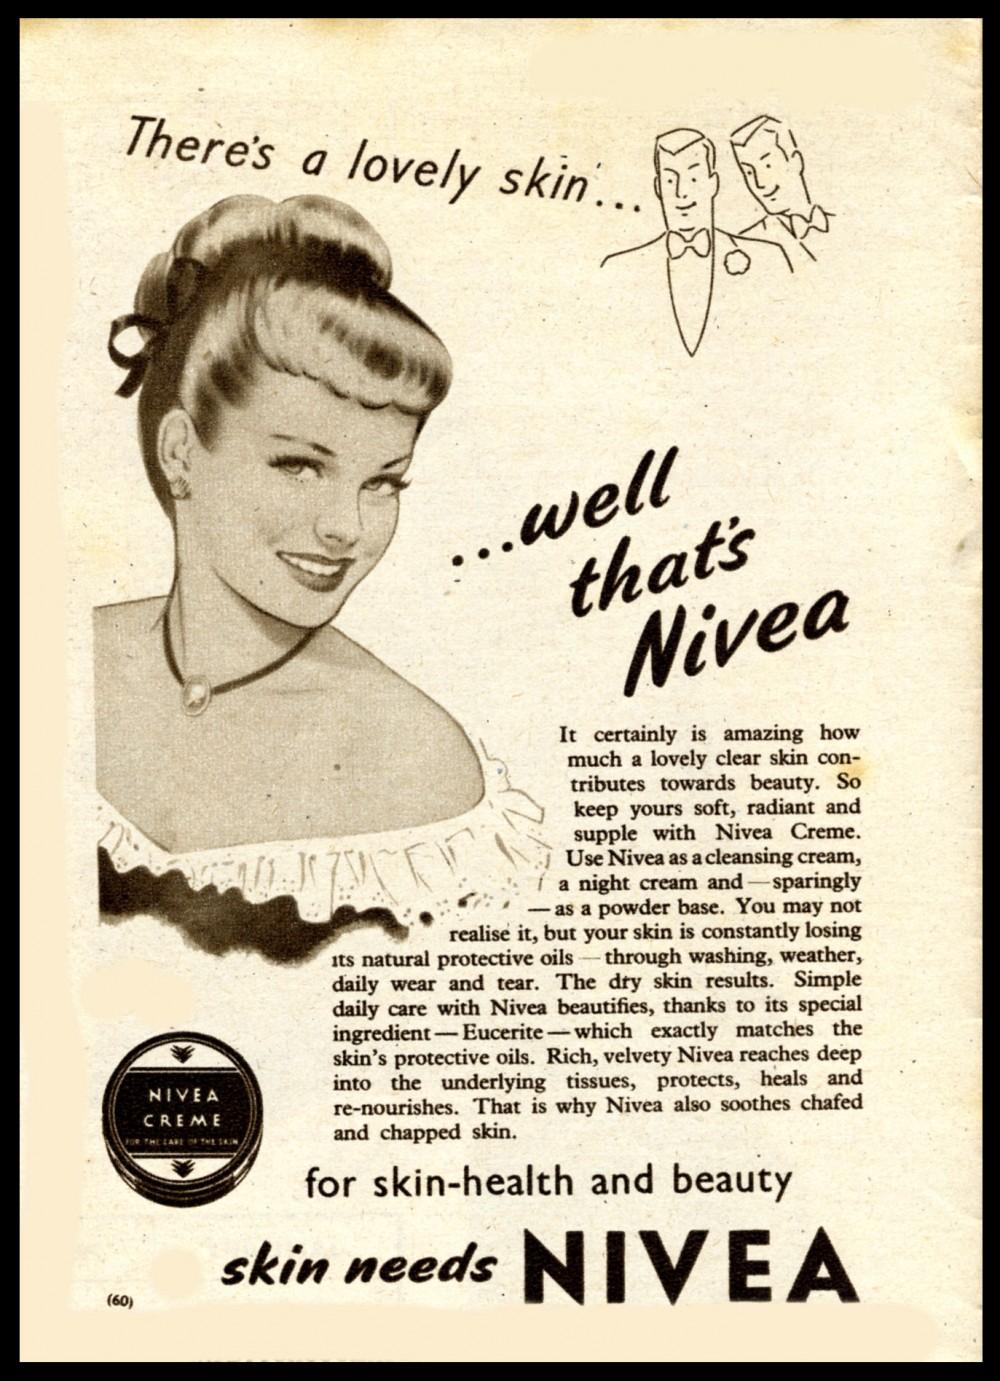 NIVEA ad from 1950